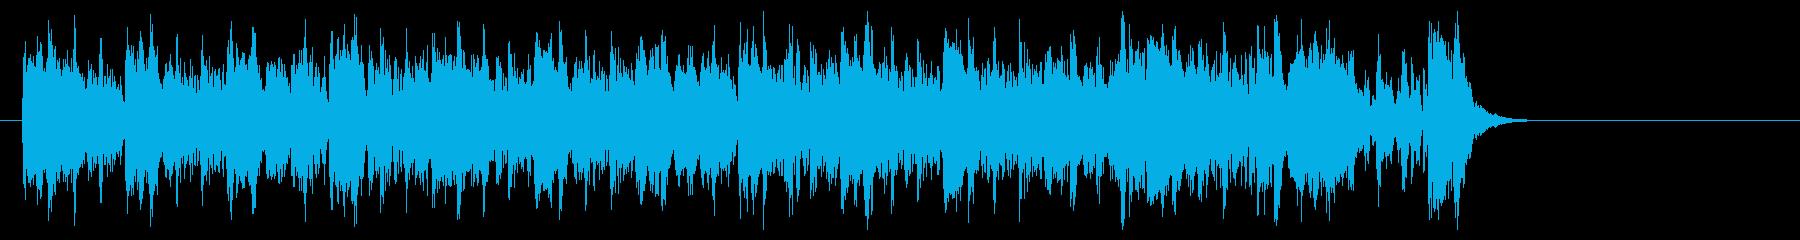 エレクトリックポップス(エンディング)の再生済みの波形